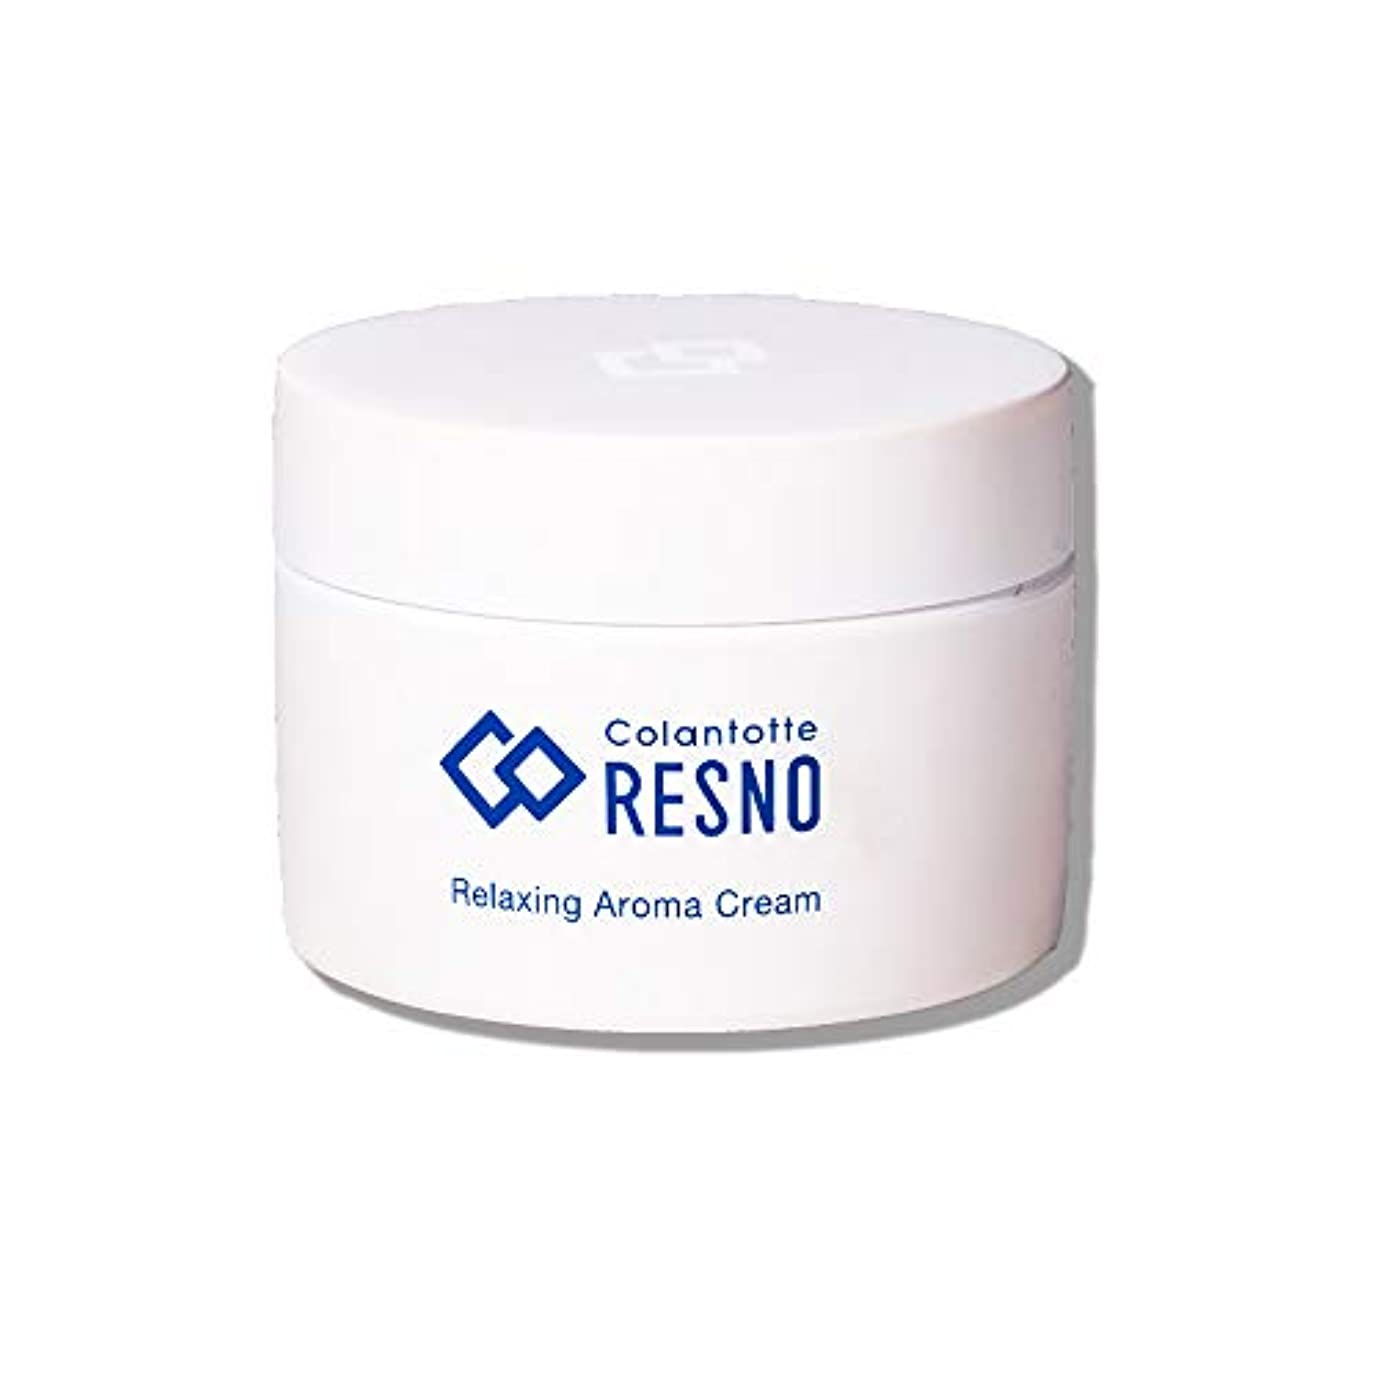 領域インシュレータ絡まるコラントッテ RESNO リラクシング アロマ クリーム 50g colantotte RELAXING AROMA CREAM ボディクリーム